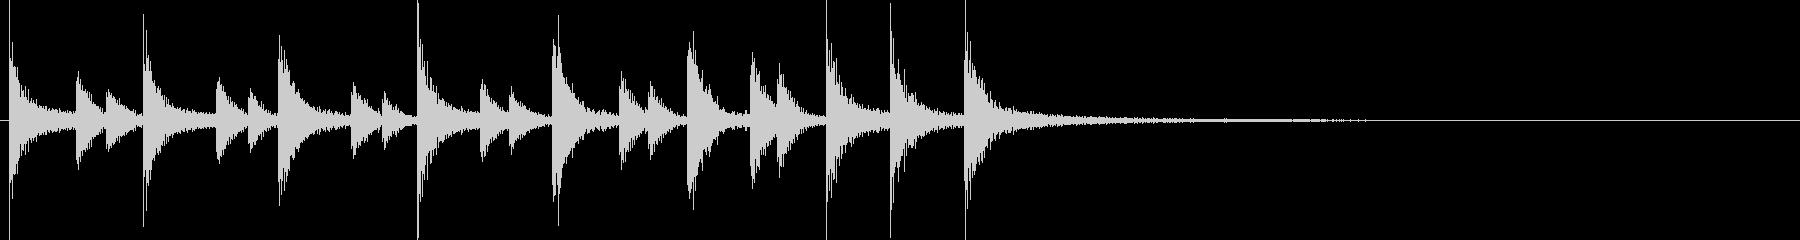 ドラム/ティンバレス フィルイン 8の未再生の波形